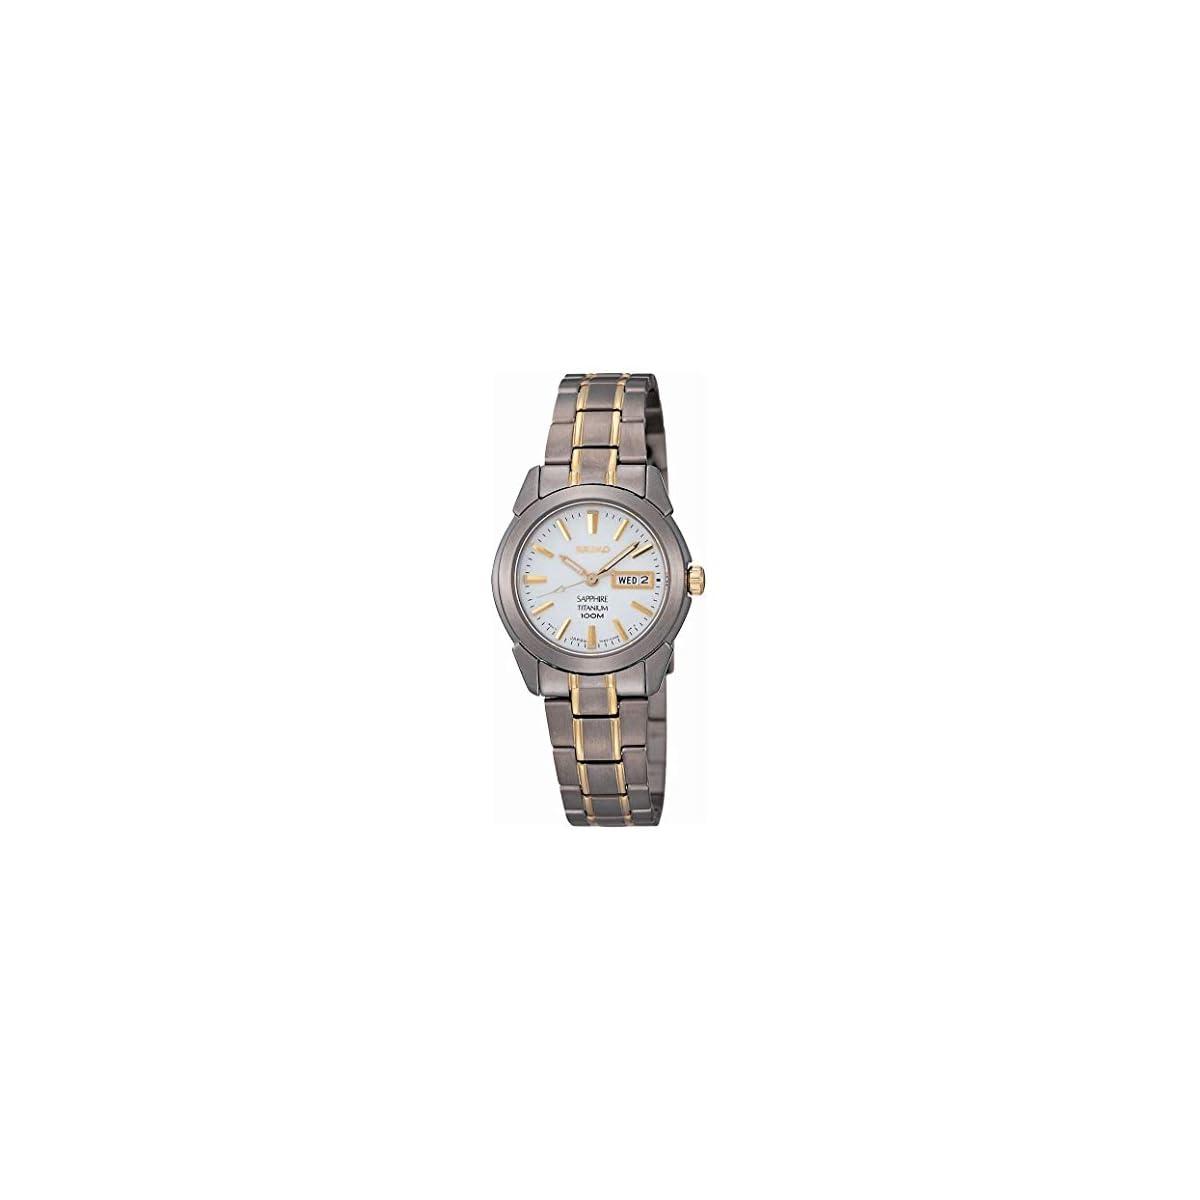 41P gf3qsJL. SS1200  - Seiko SXA115P1 - Reloj analógico de mujer de cuarzo con correa de titanio gris - sumergible a 100 metros